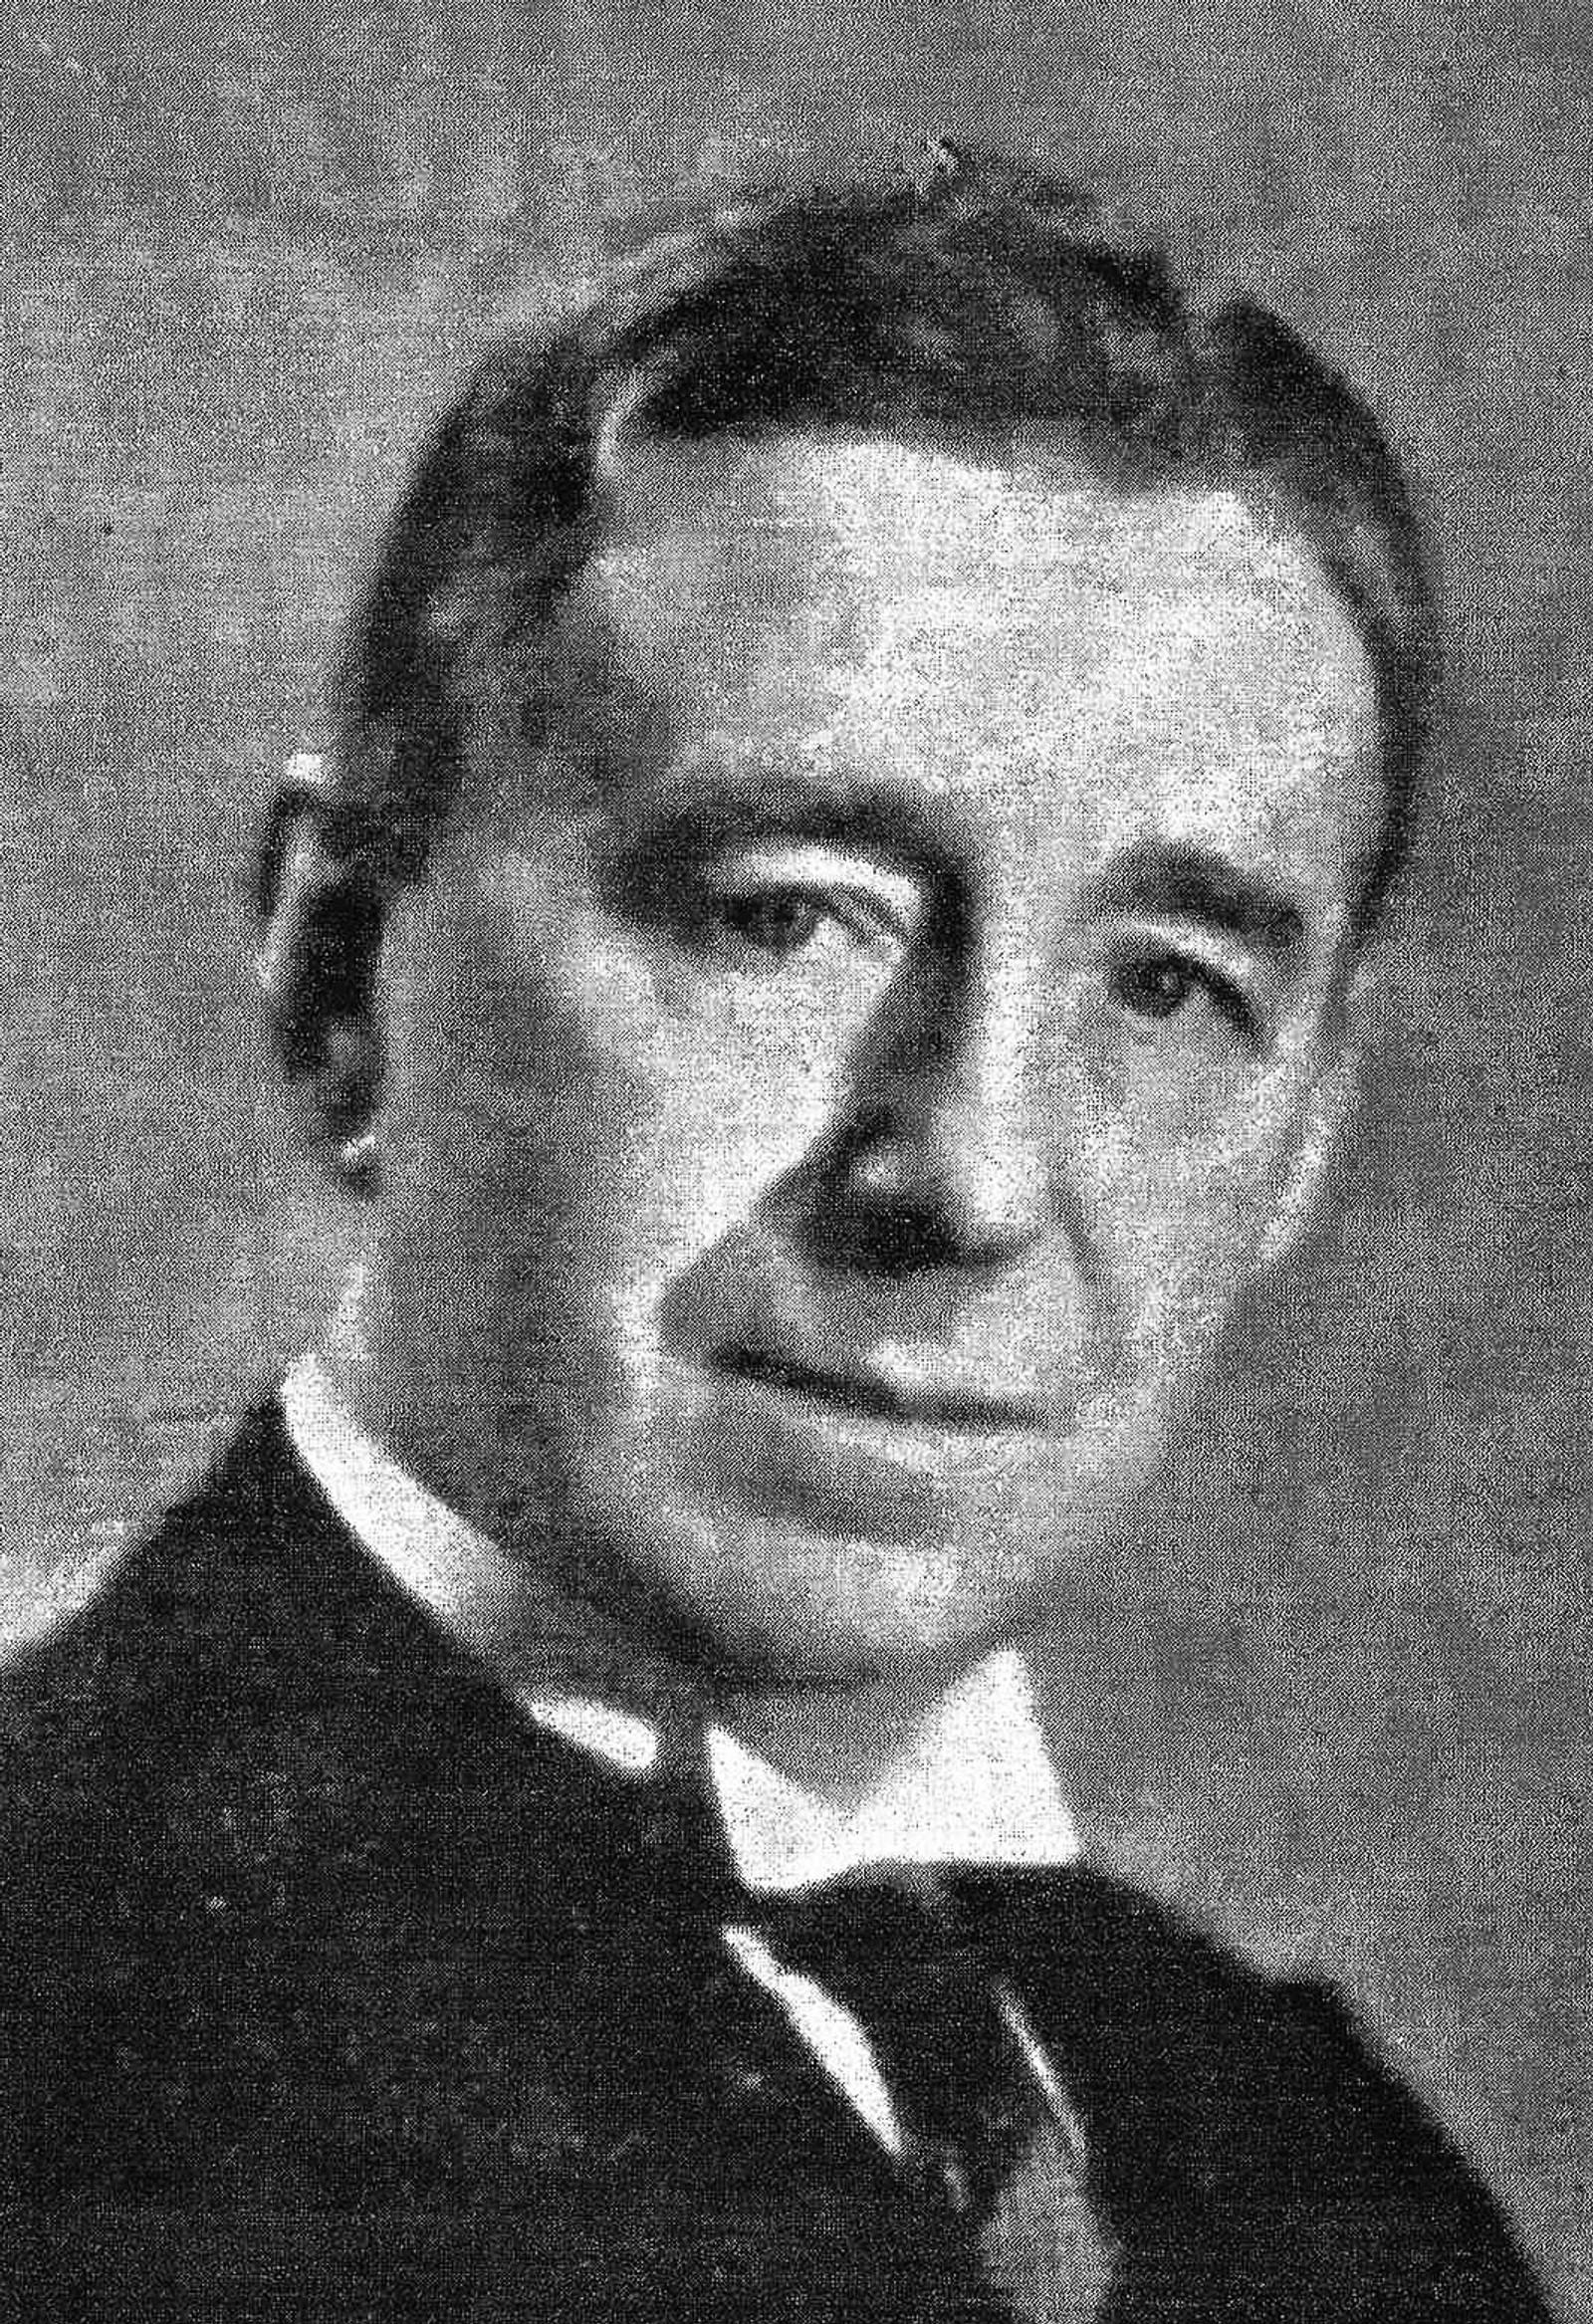 Riksprogramrådets leder gjennom 1930-tallet, fysikkprofessor Sam Sæland.